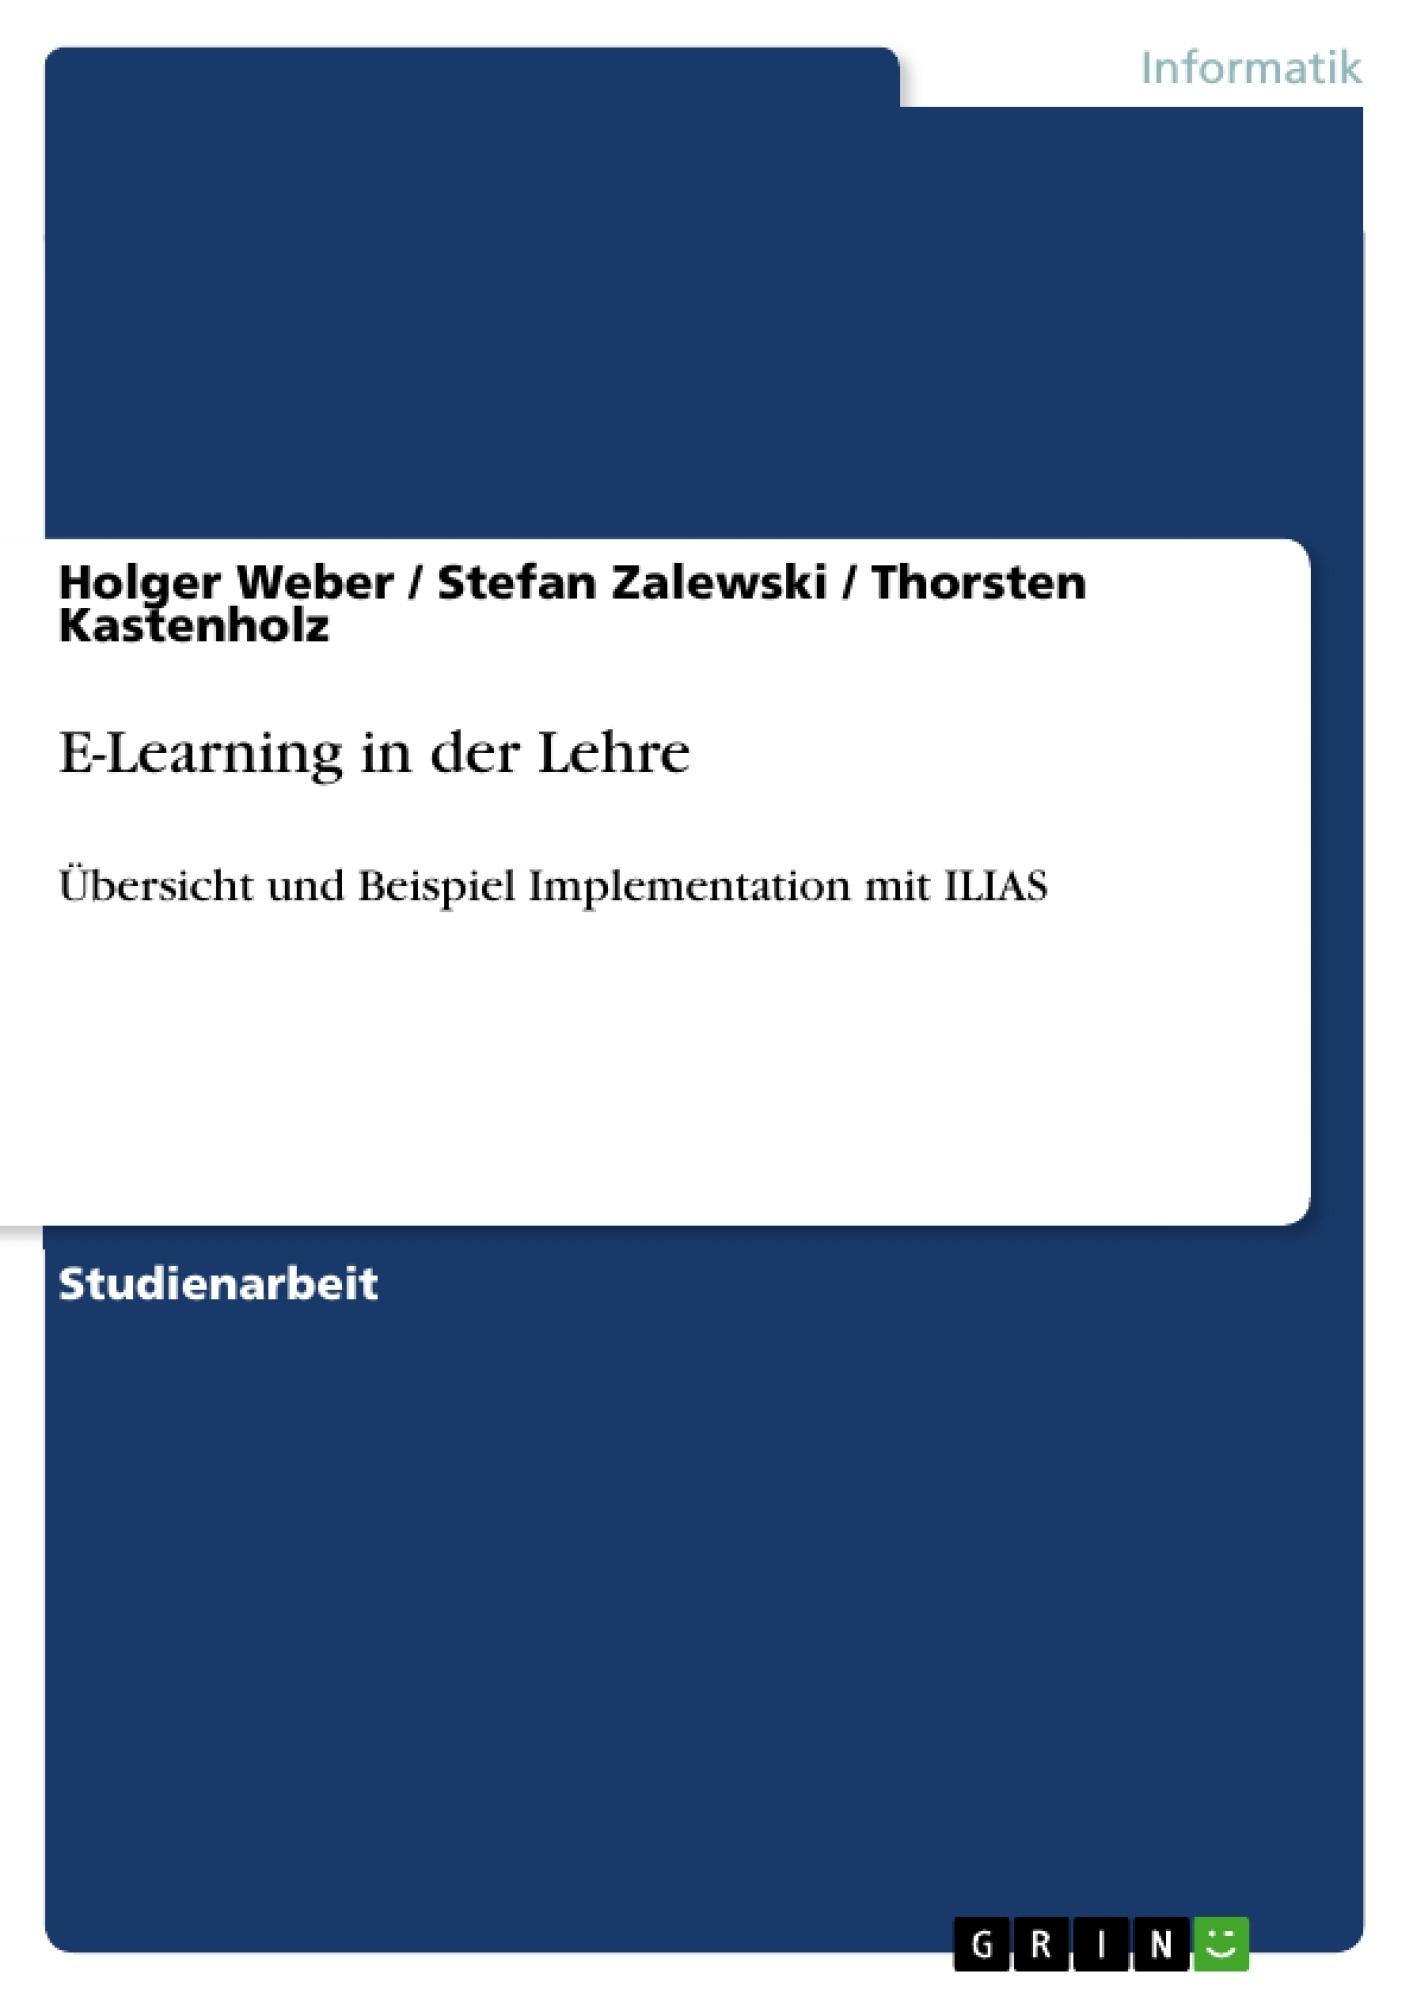 Titel: E-Learning in der Lehre